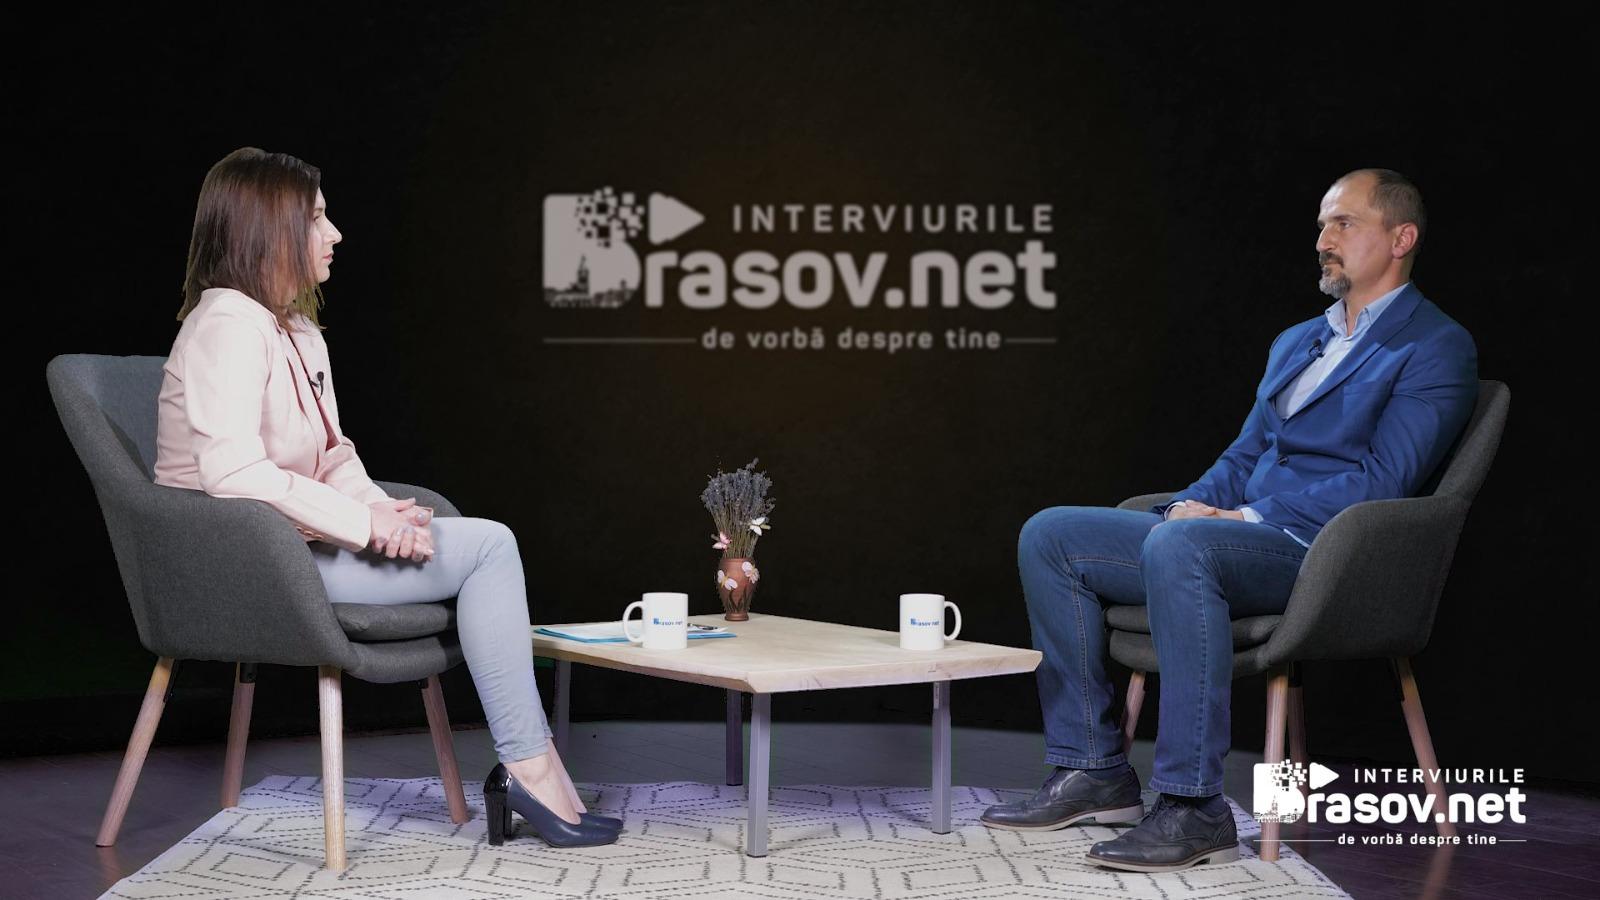 Interviurile Brasov.net – De vorbă despre tine – Episodul 7, InvitatZoltan Szenner